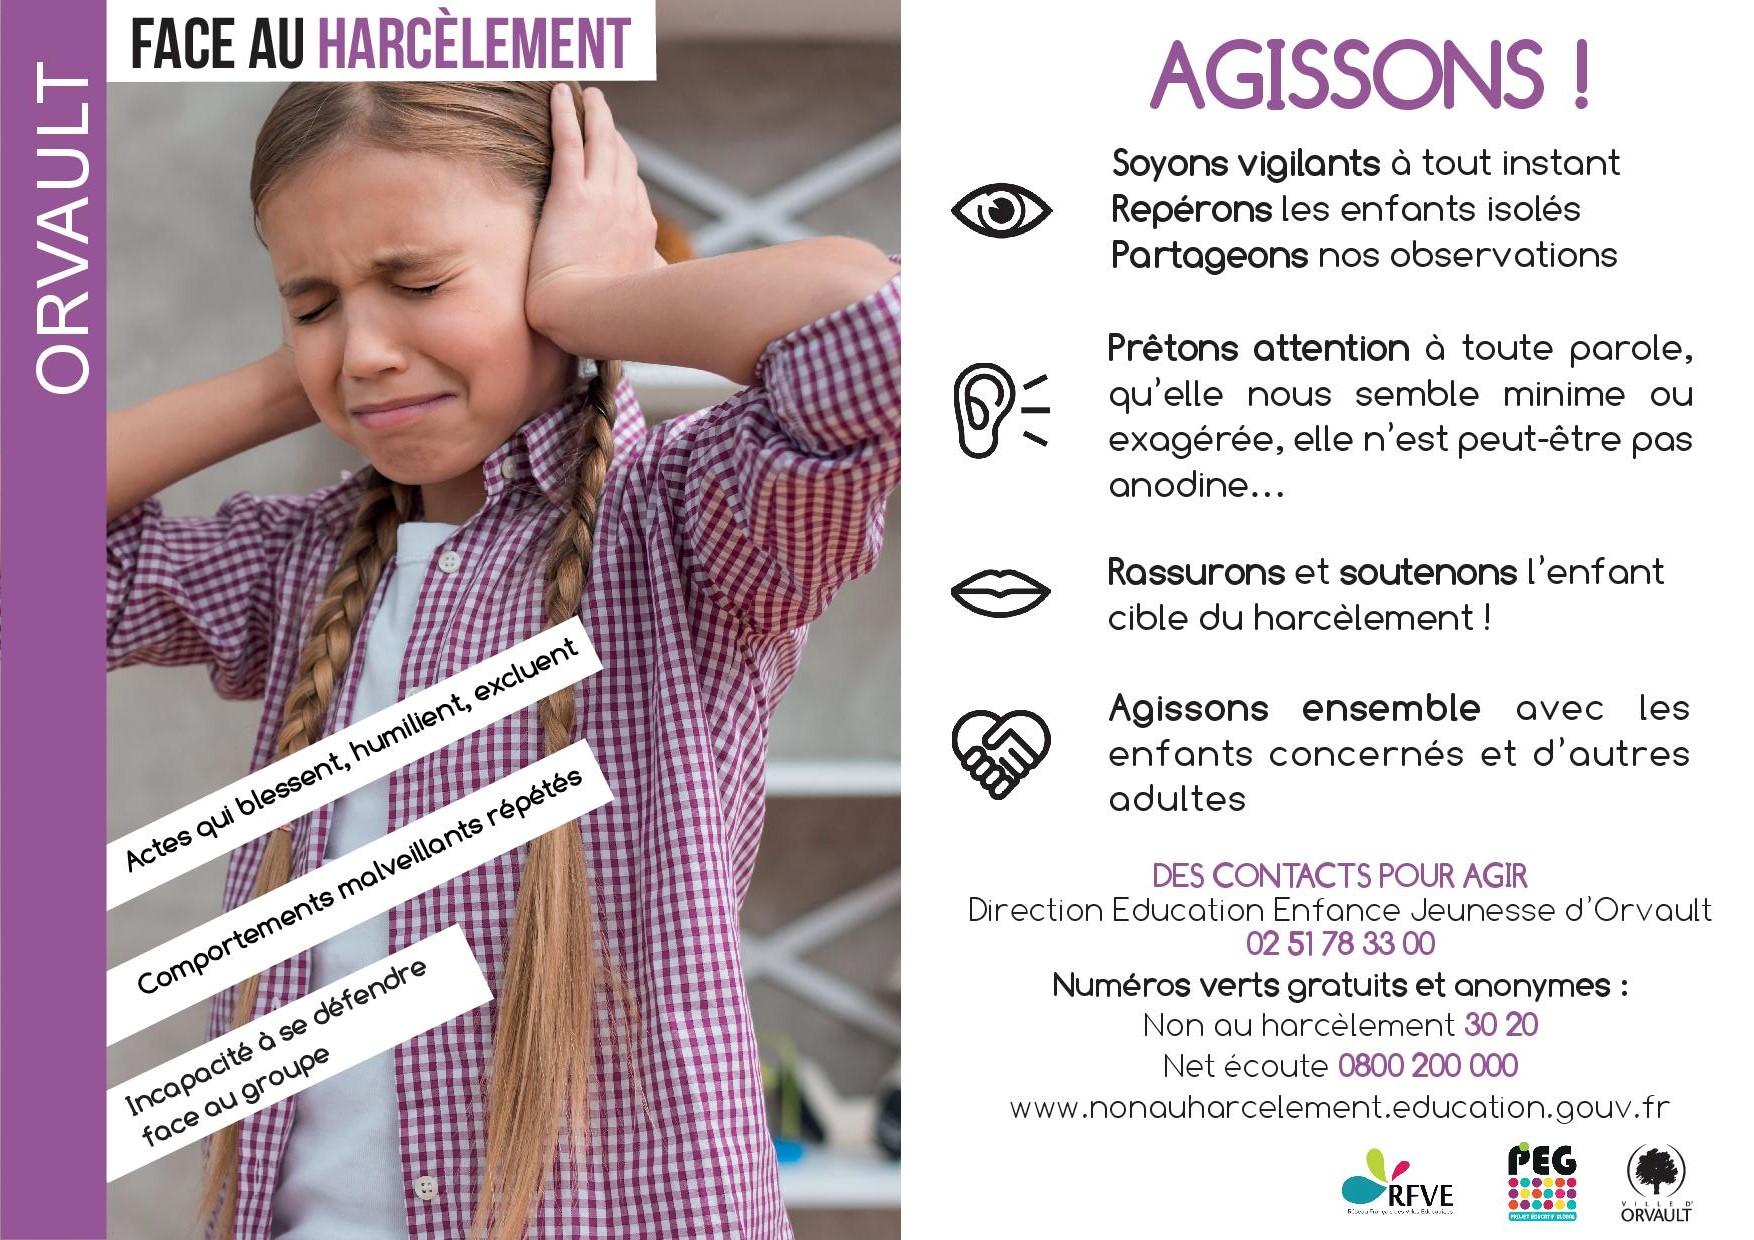 Affiche harcèlement agissons Orvault